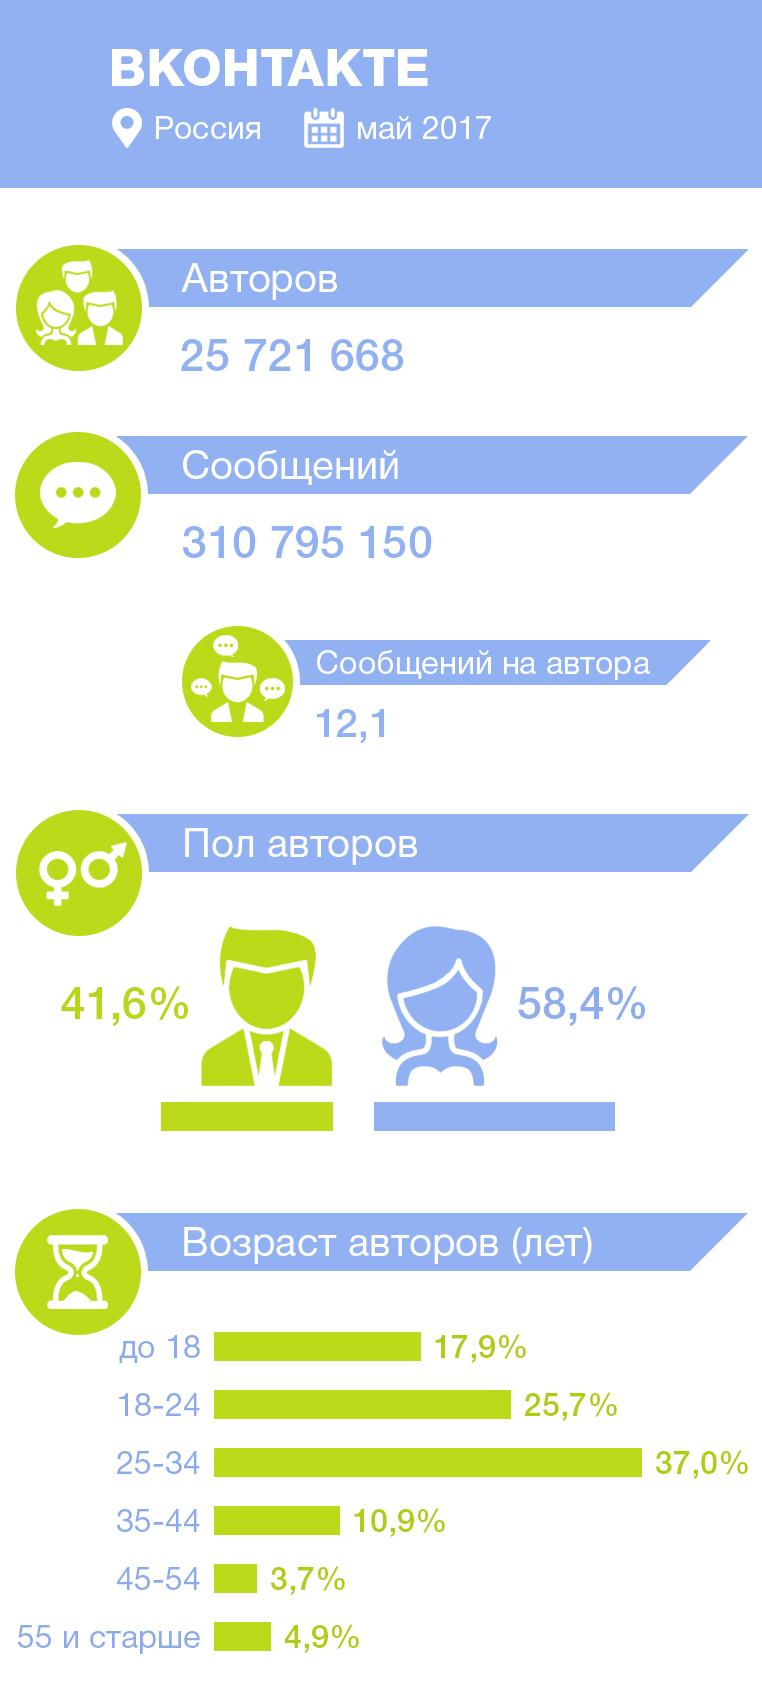 статистика авторов и сообщений в ВКонтакте